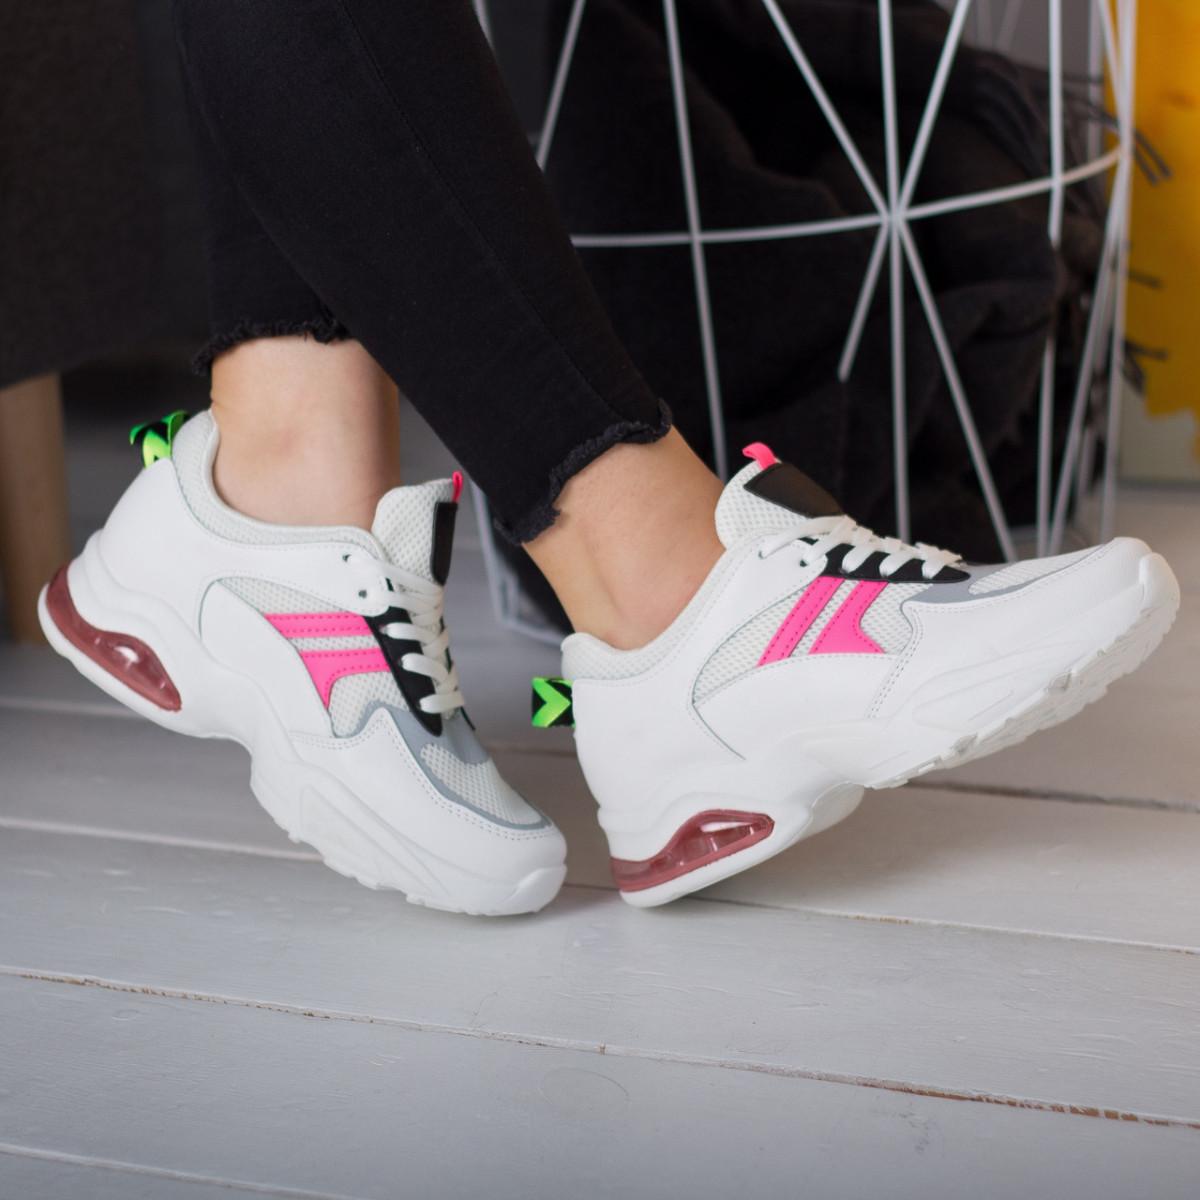 Кроссовки женские Fashion Babbitt 2580 36 размер 23,5 см Белый